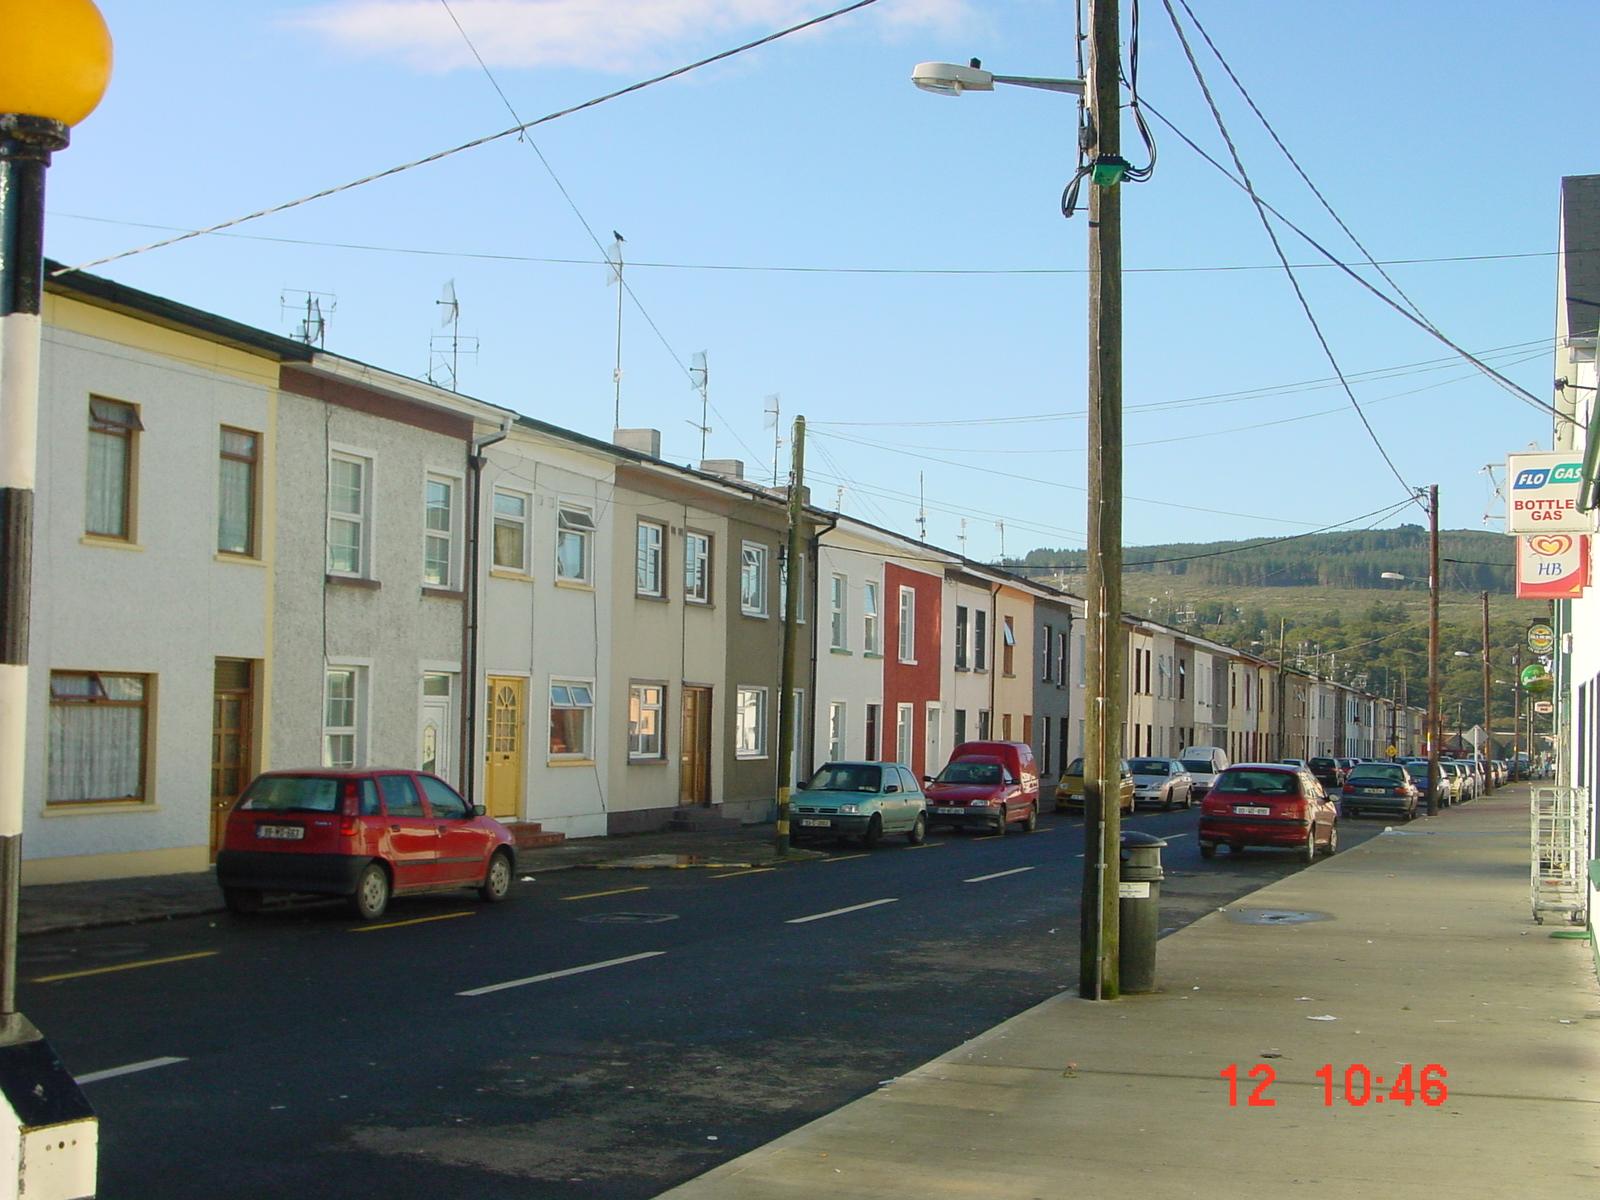 A street in Portlaw